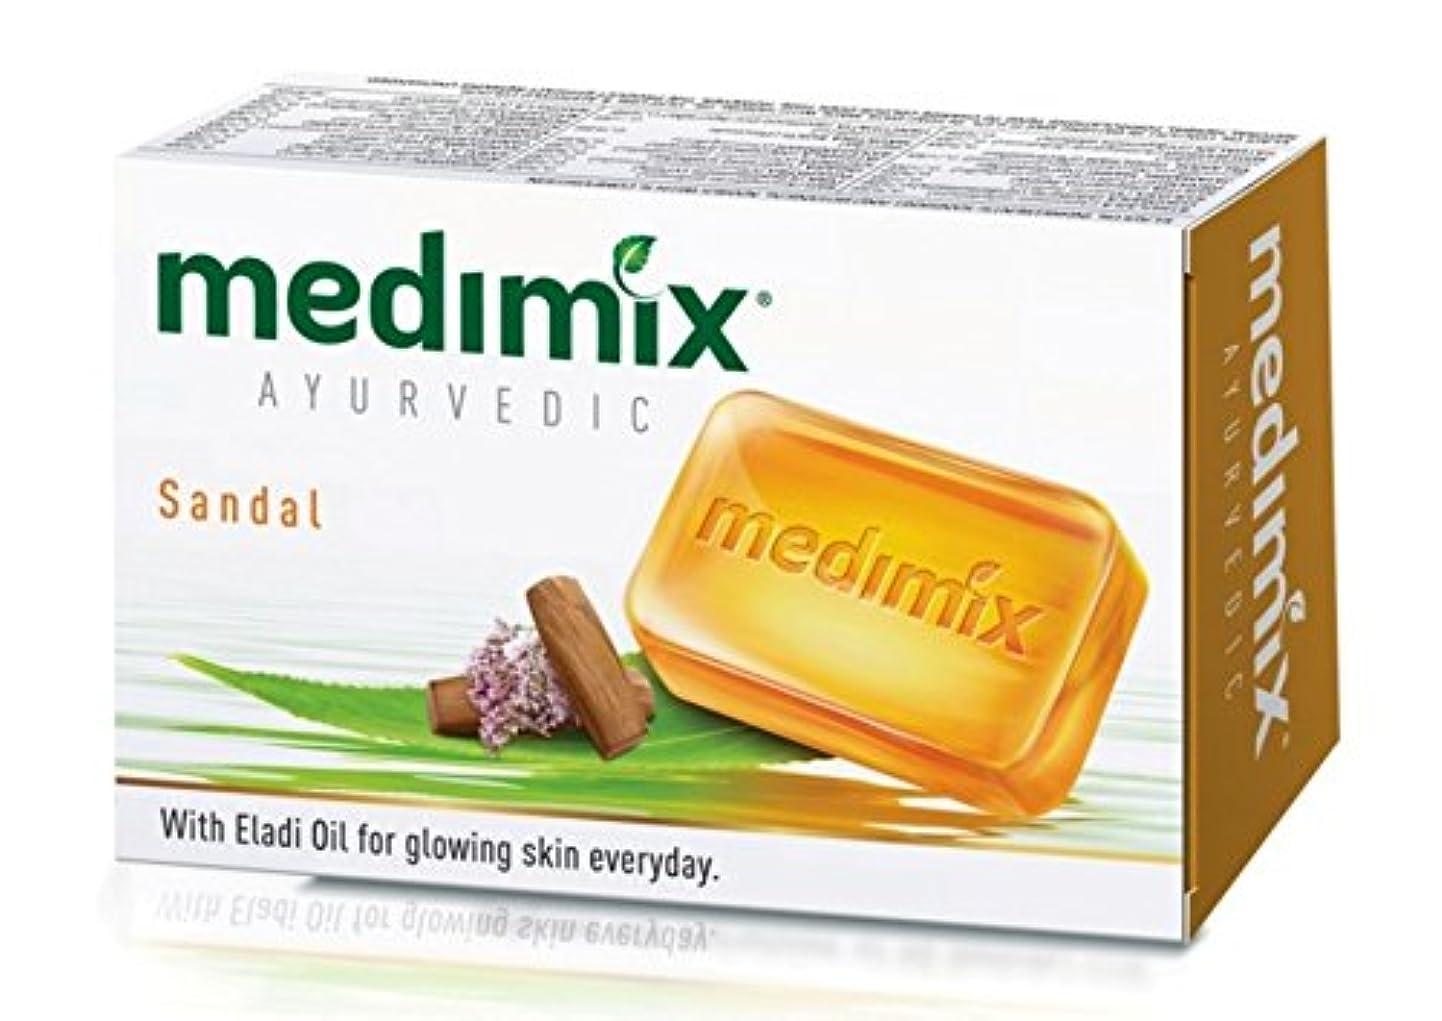 交響曲あそこ知る【medimix国内正規品】メディミックス Sandal ハーブから作られたオーガニック石鹸